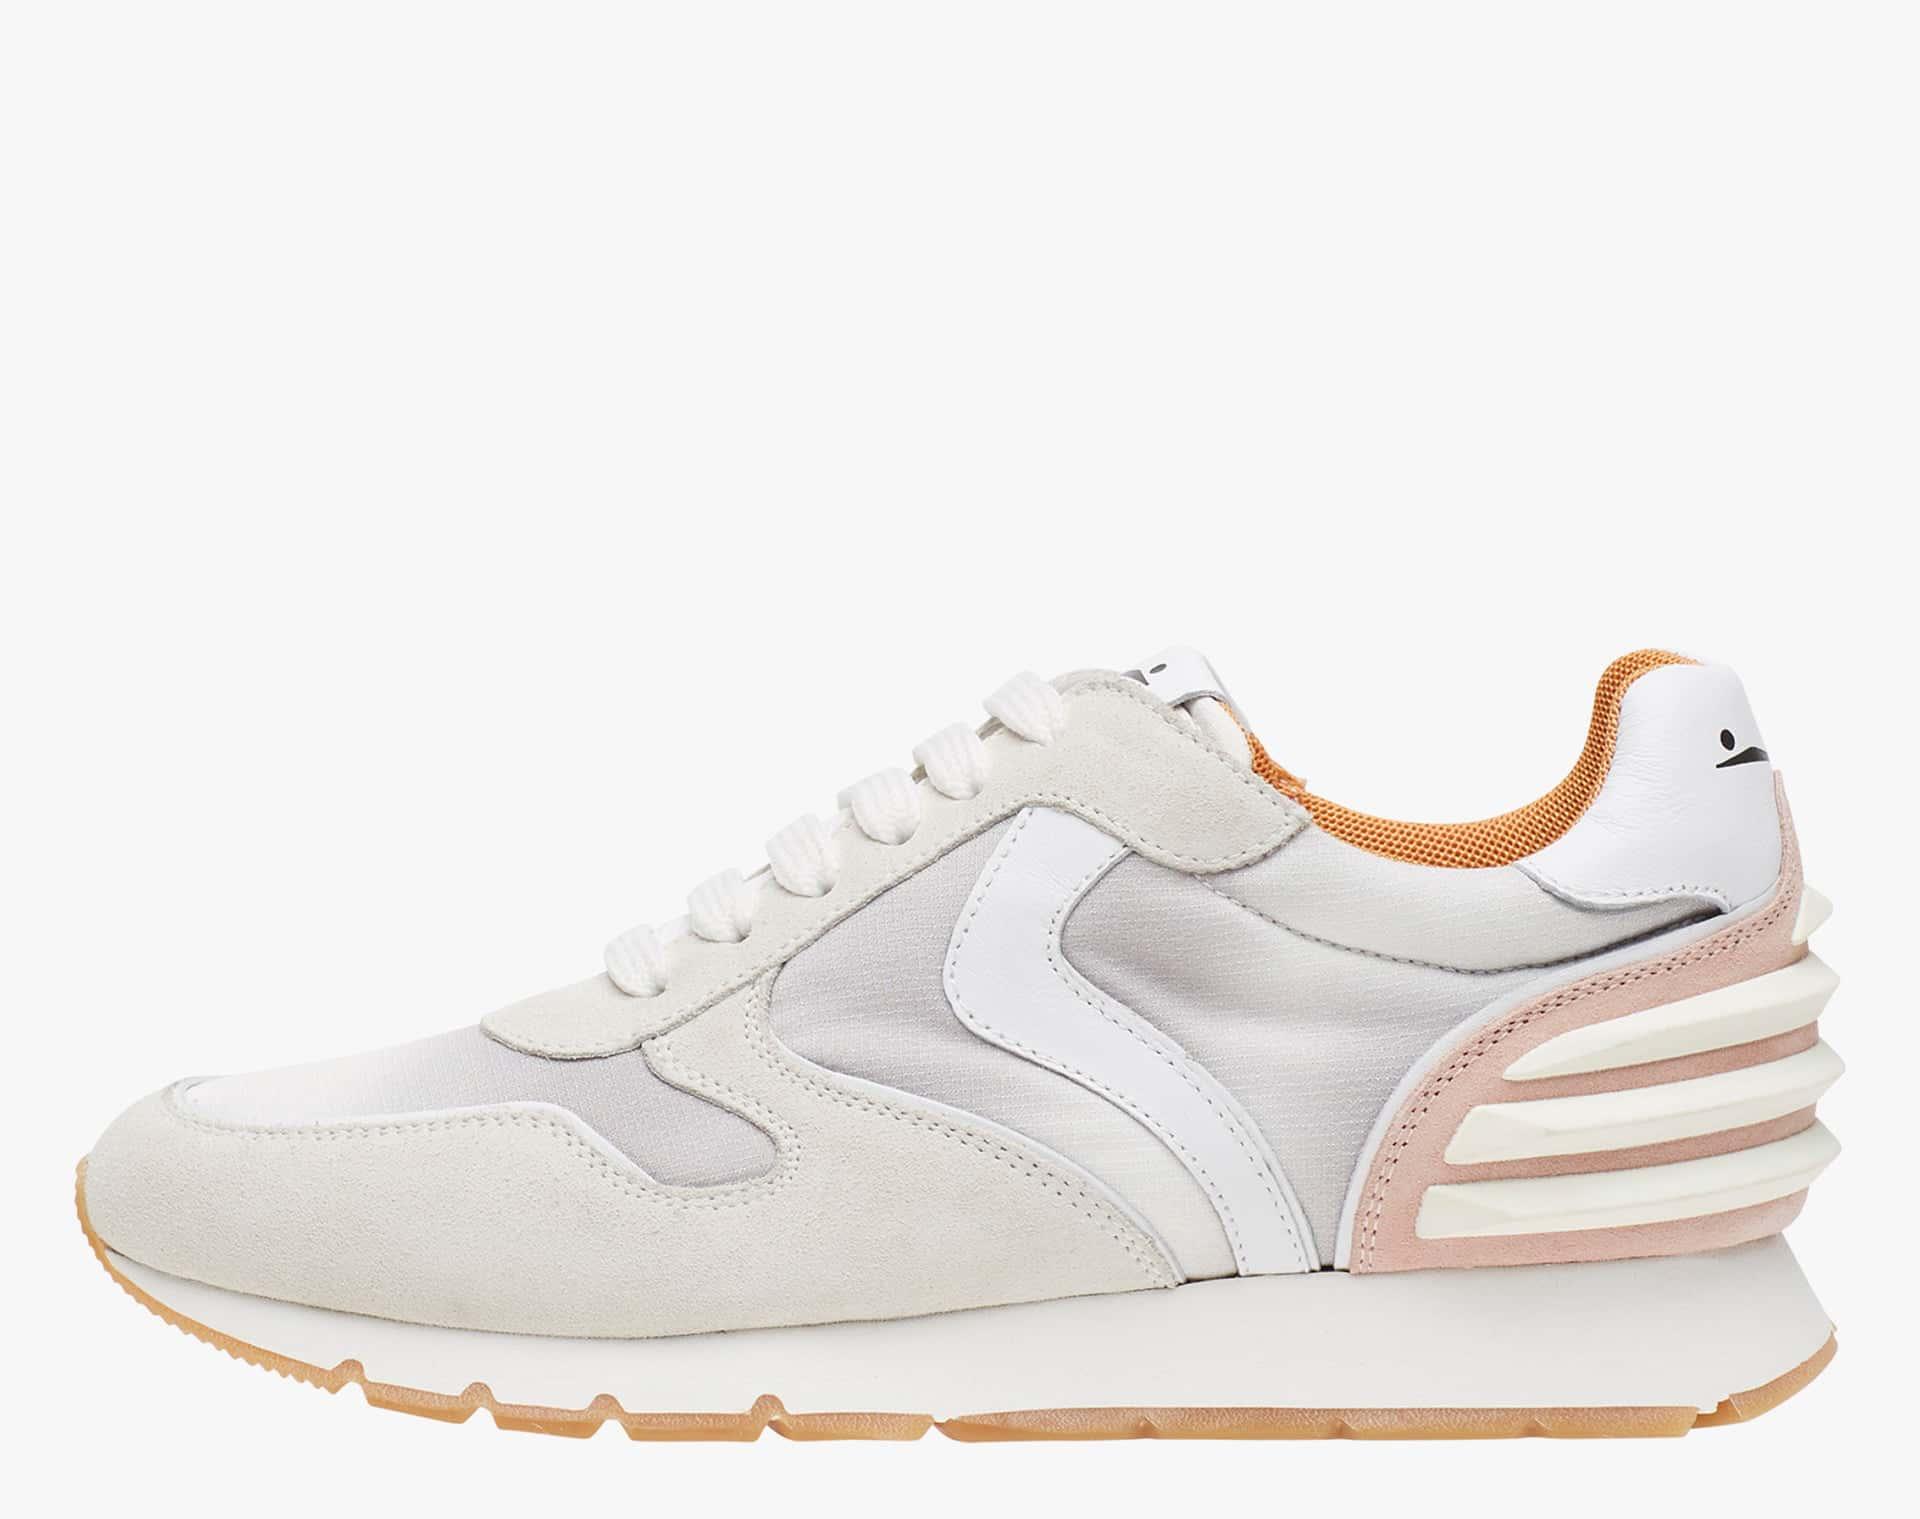 JULIA POWER - Sneaker in suede e tessuto tecnico - Bianco/Grigio/Rosa